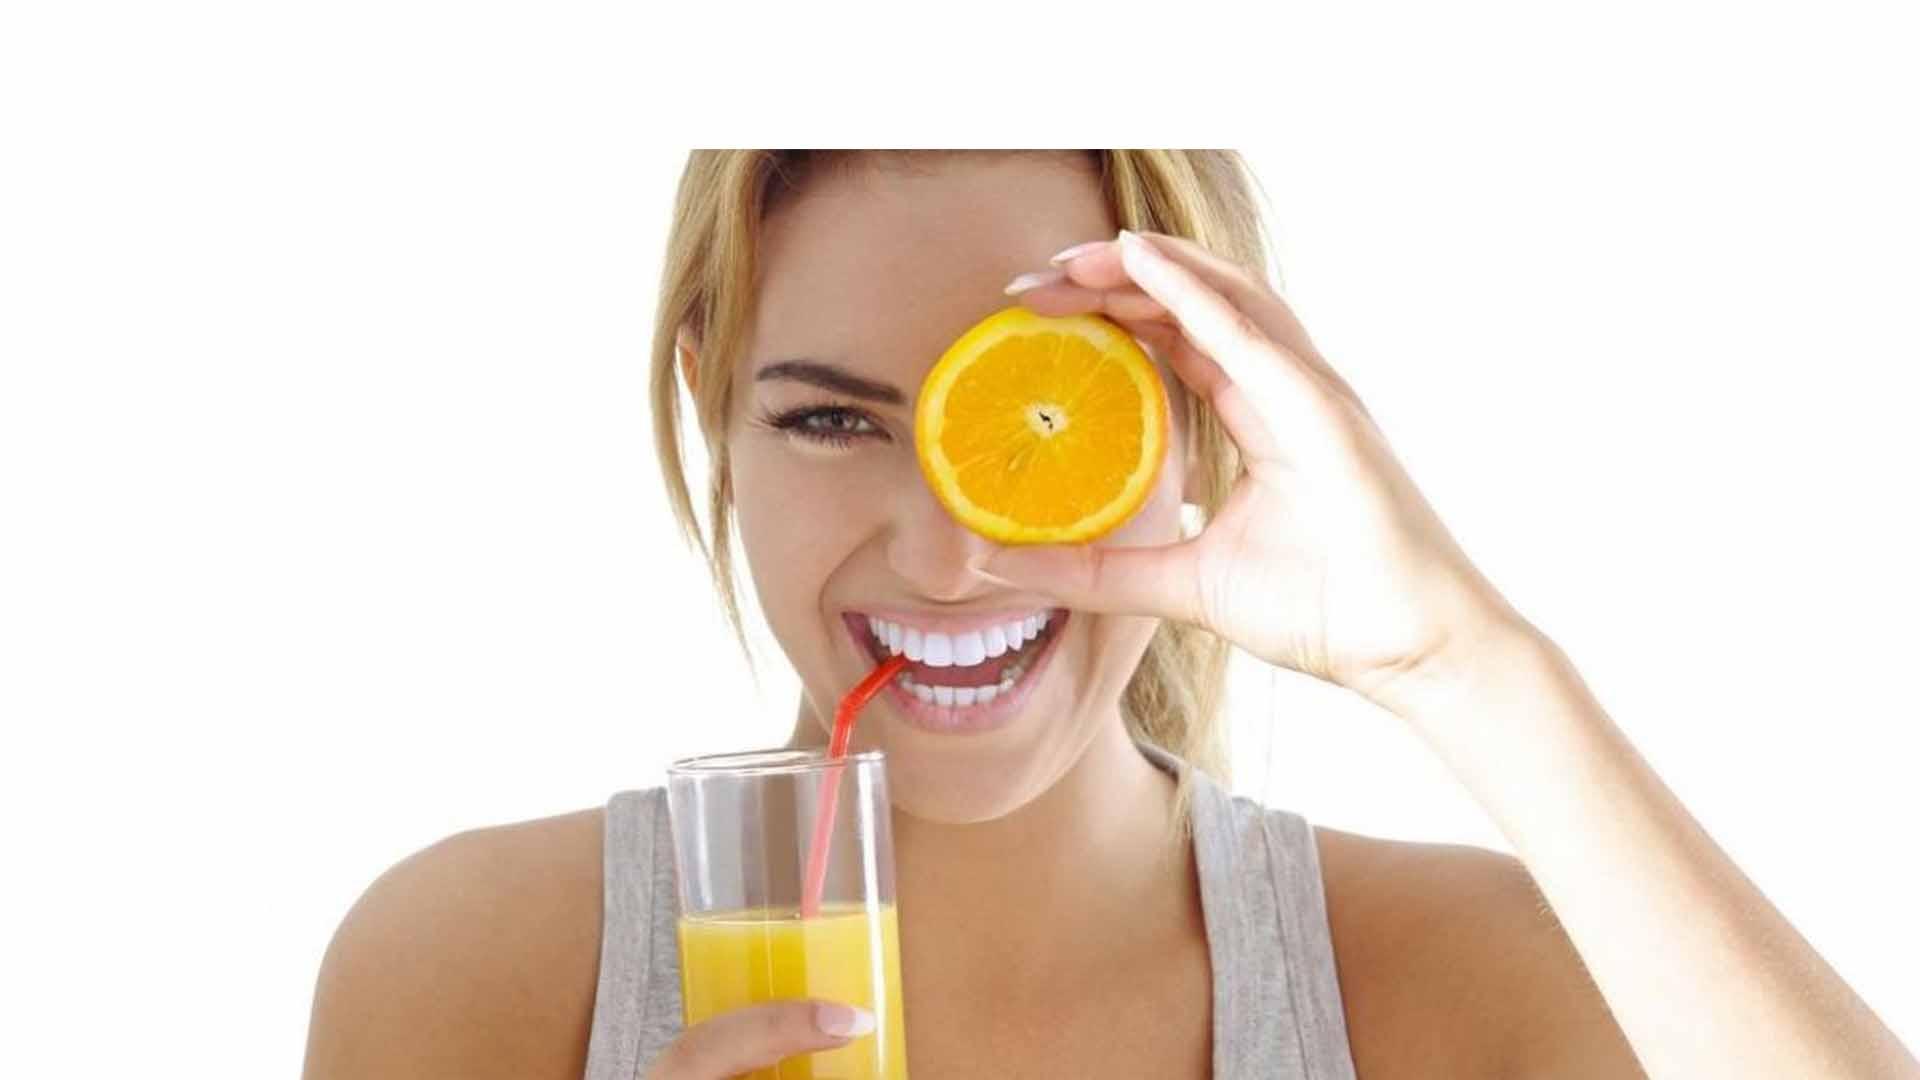 Las frutas son aliados de la belleza y no solo porque ayuden a depurar el organismo sino que son los cosméticos más sanos y eficaces